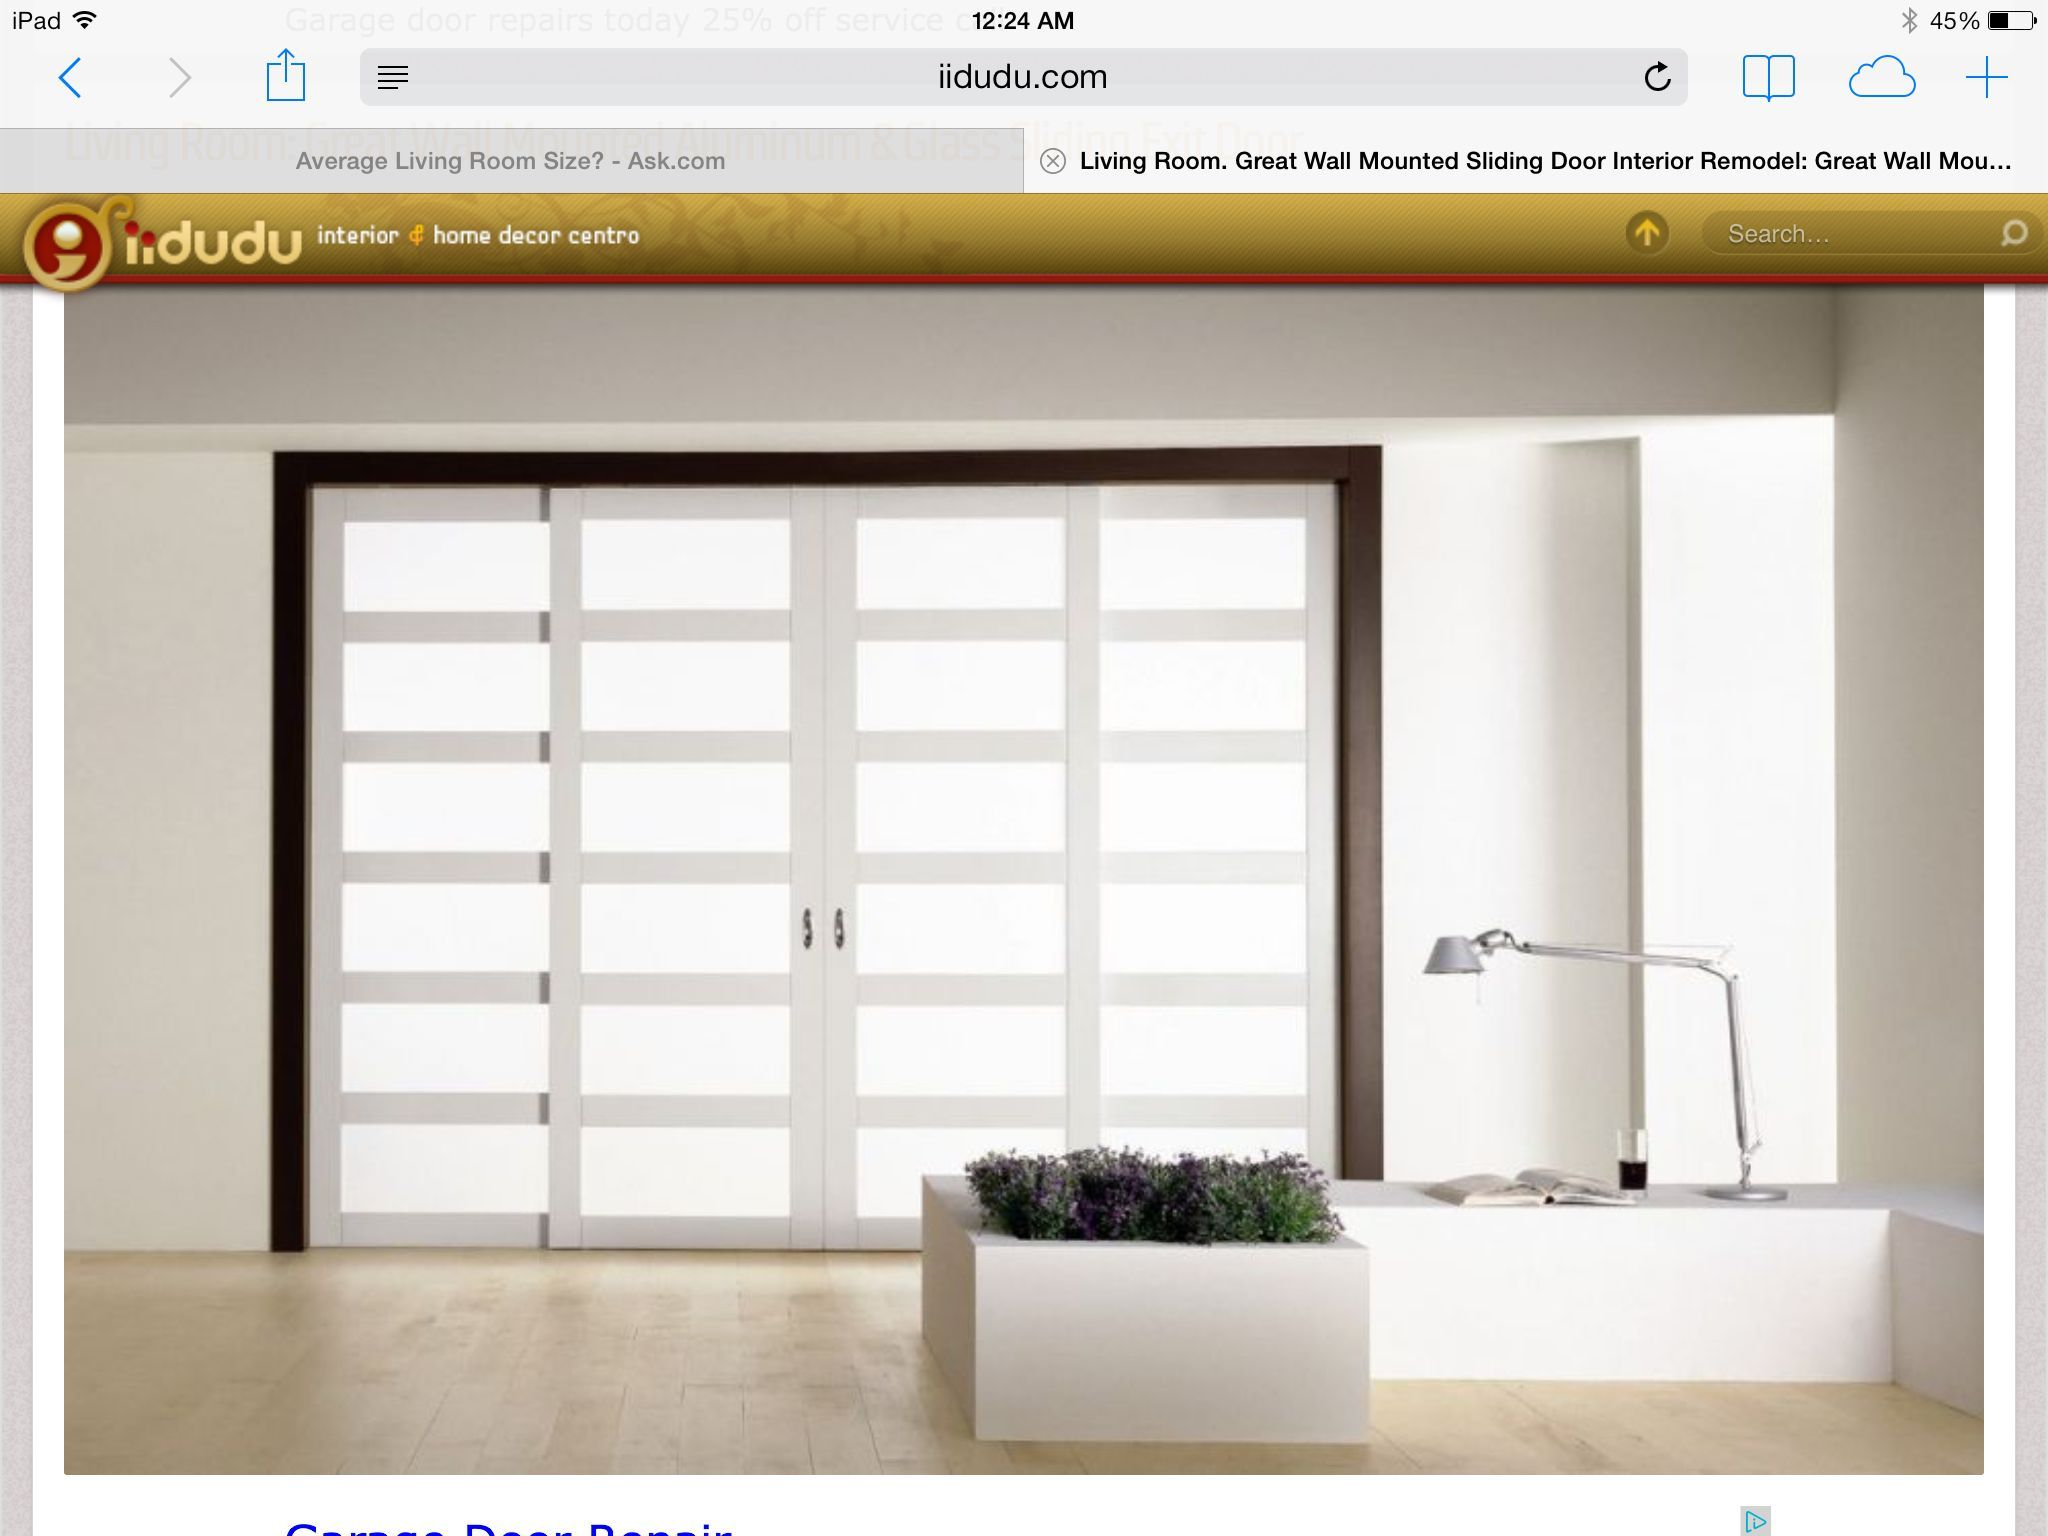 Office doors in new basement slidingroomdivider room divider